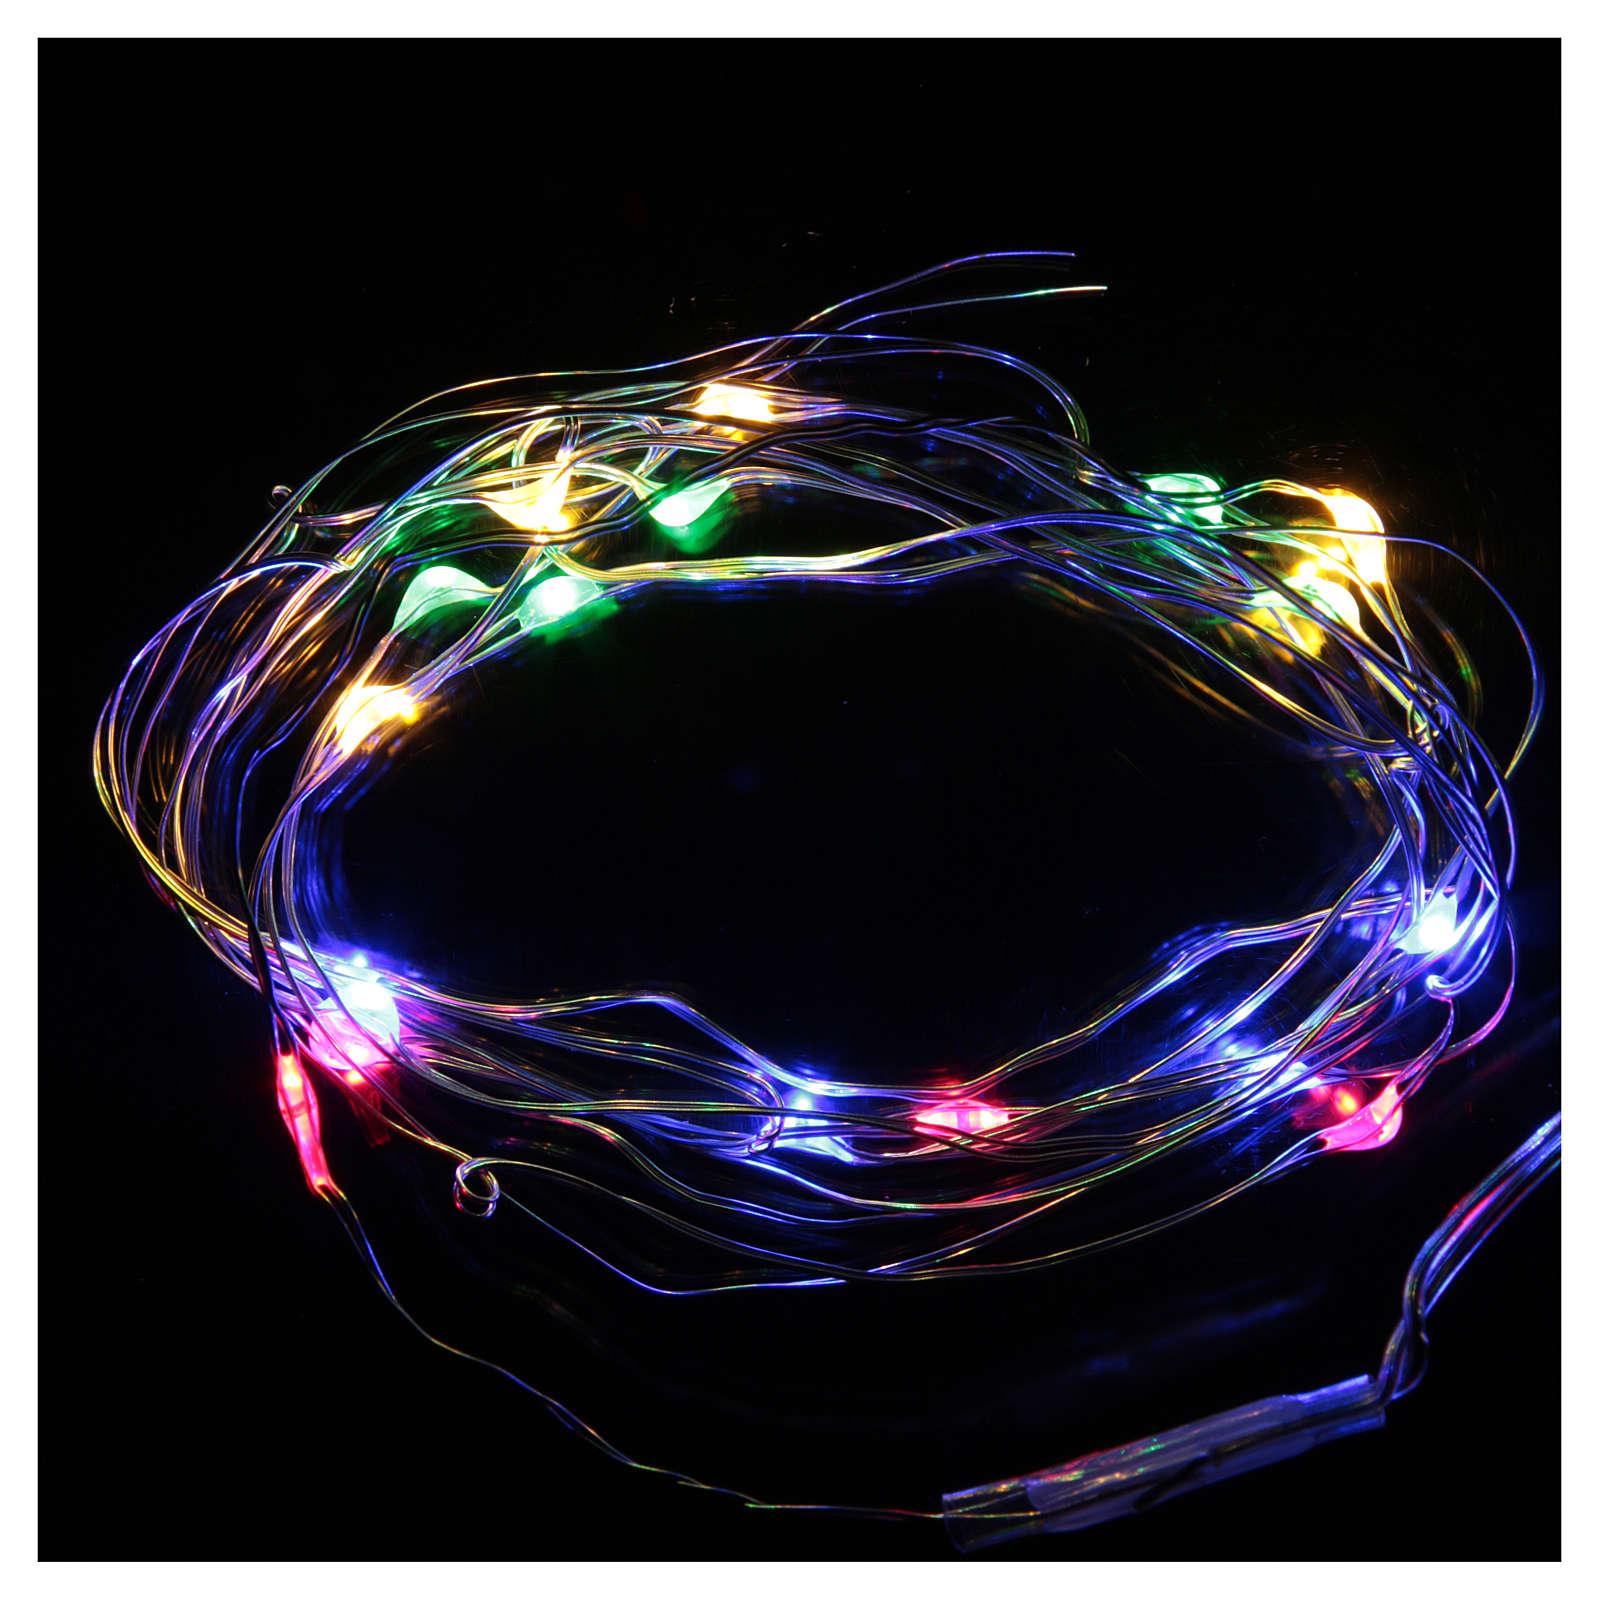 Luces de Navidad 20 LED tipo gota multicolor con baterías y cable a vista 3